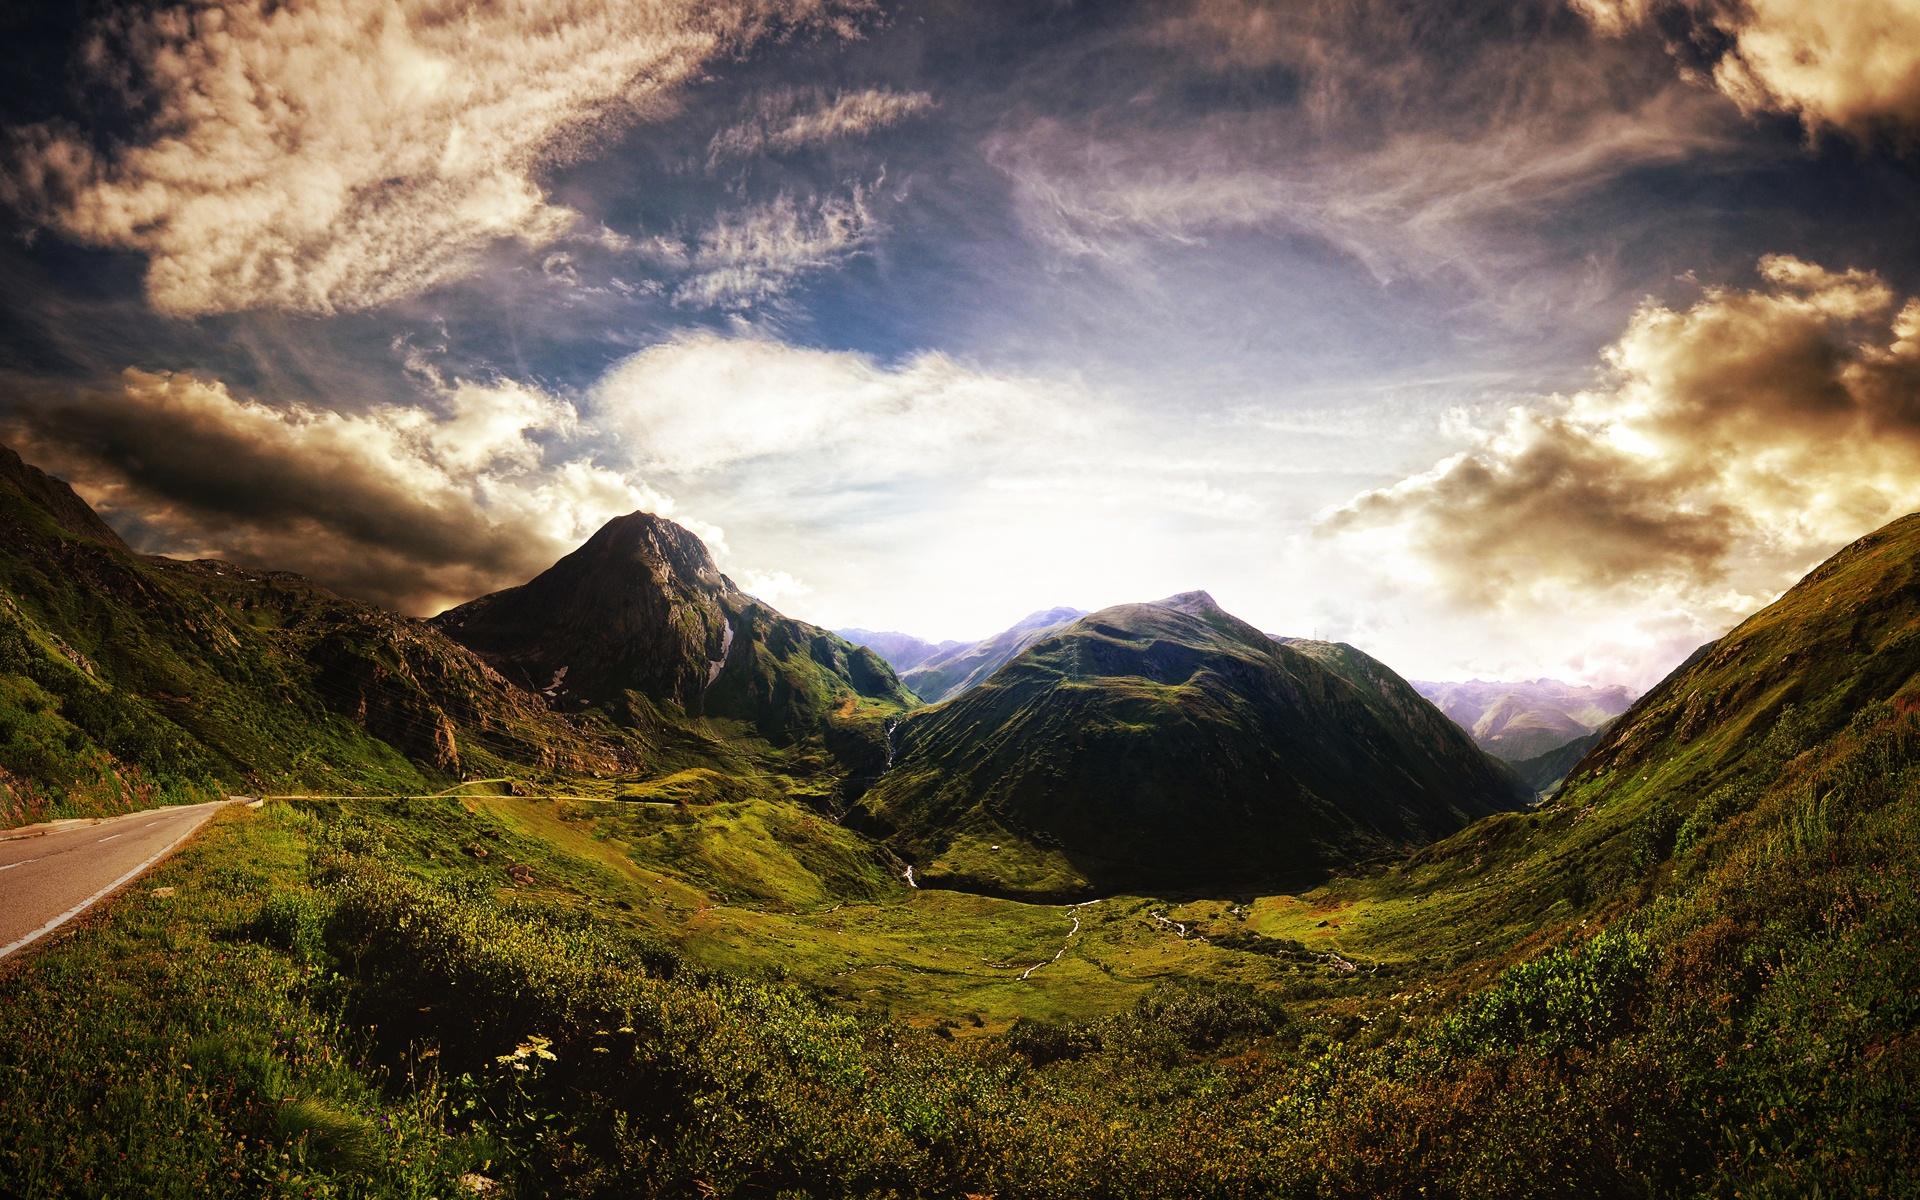 Paisaje de montañas para fondo de pantalla